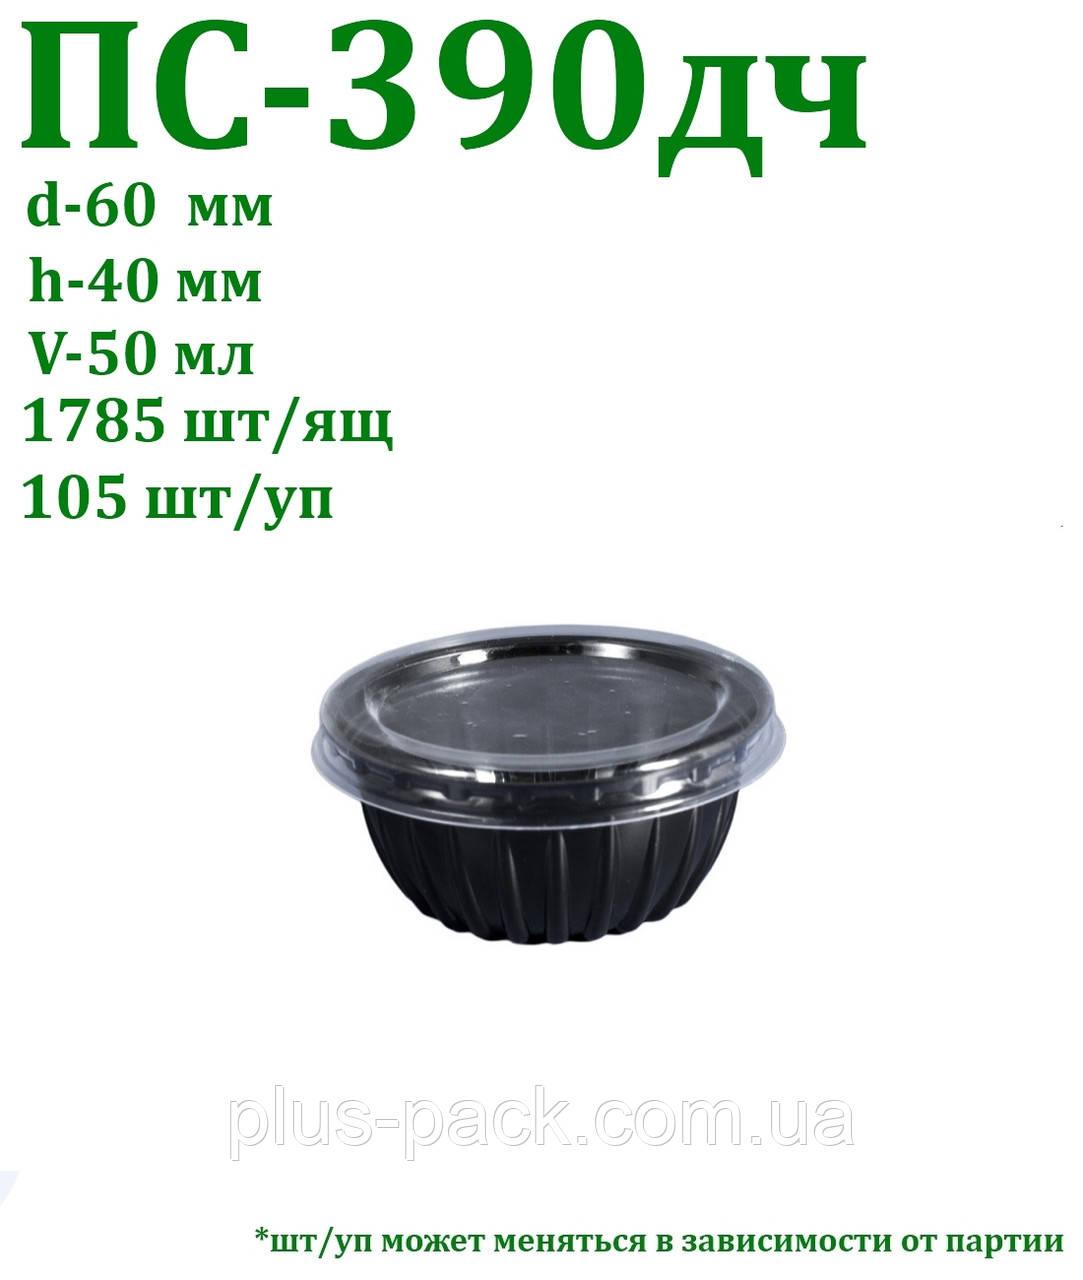 Блістерна одноразова упаковка для соусу ПС-390 дч (50 мл)